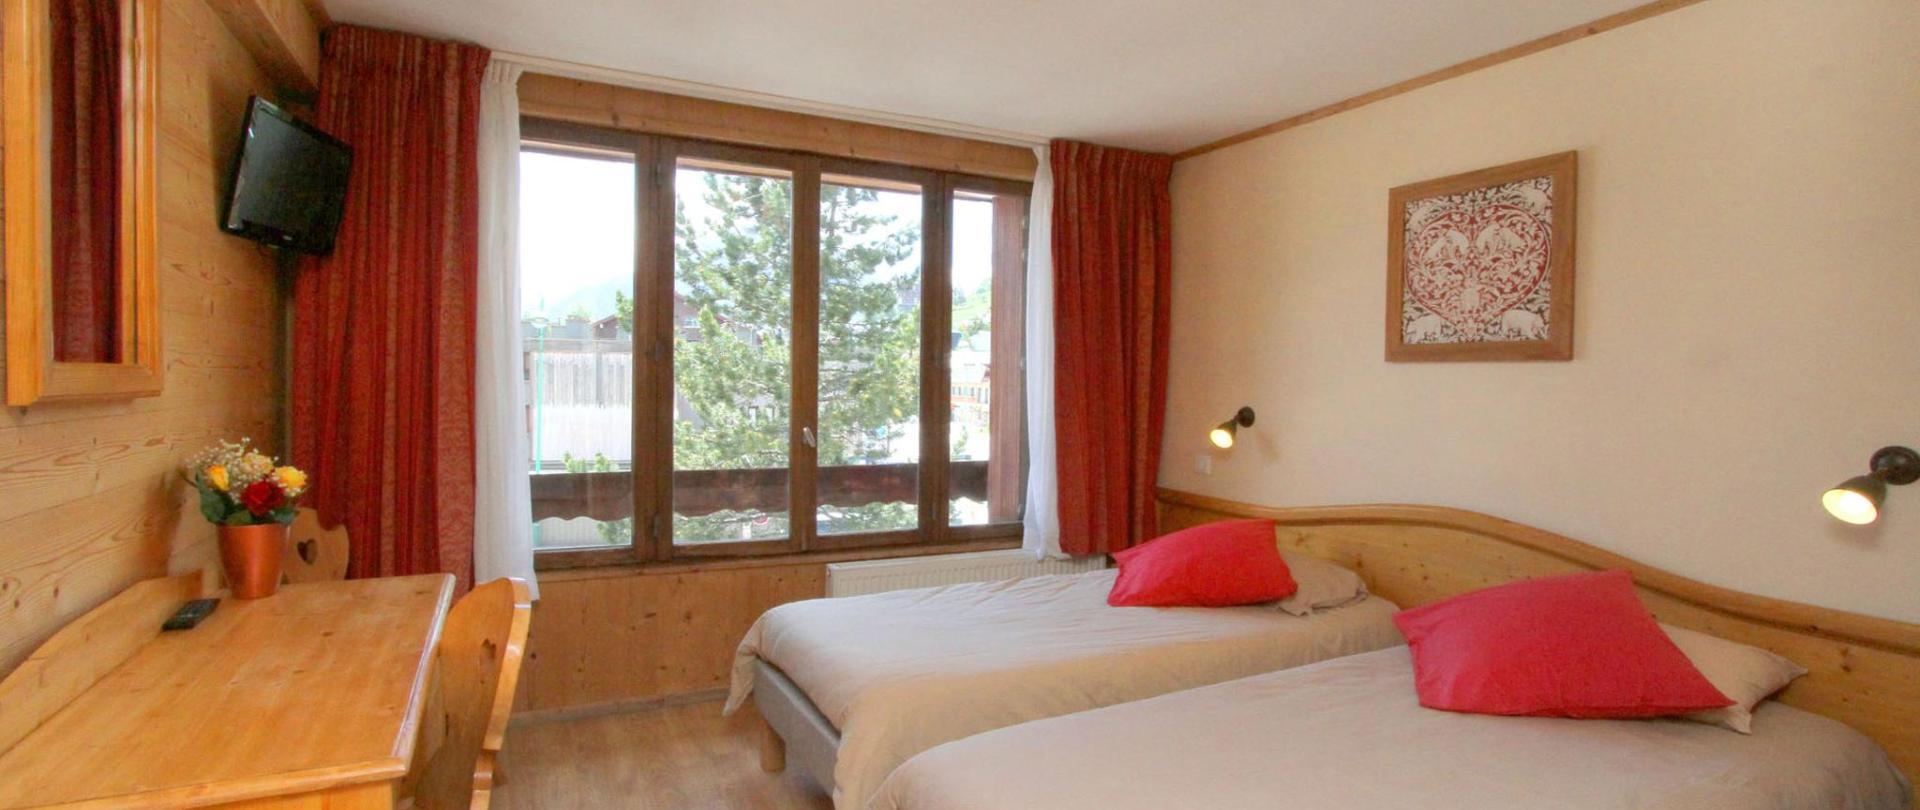 05-HotelSherpa-web.jpg